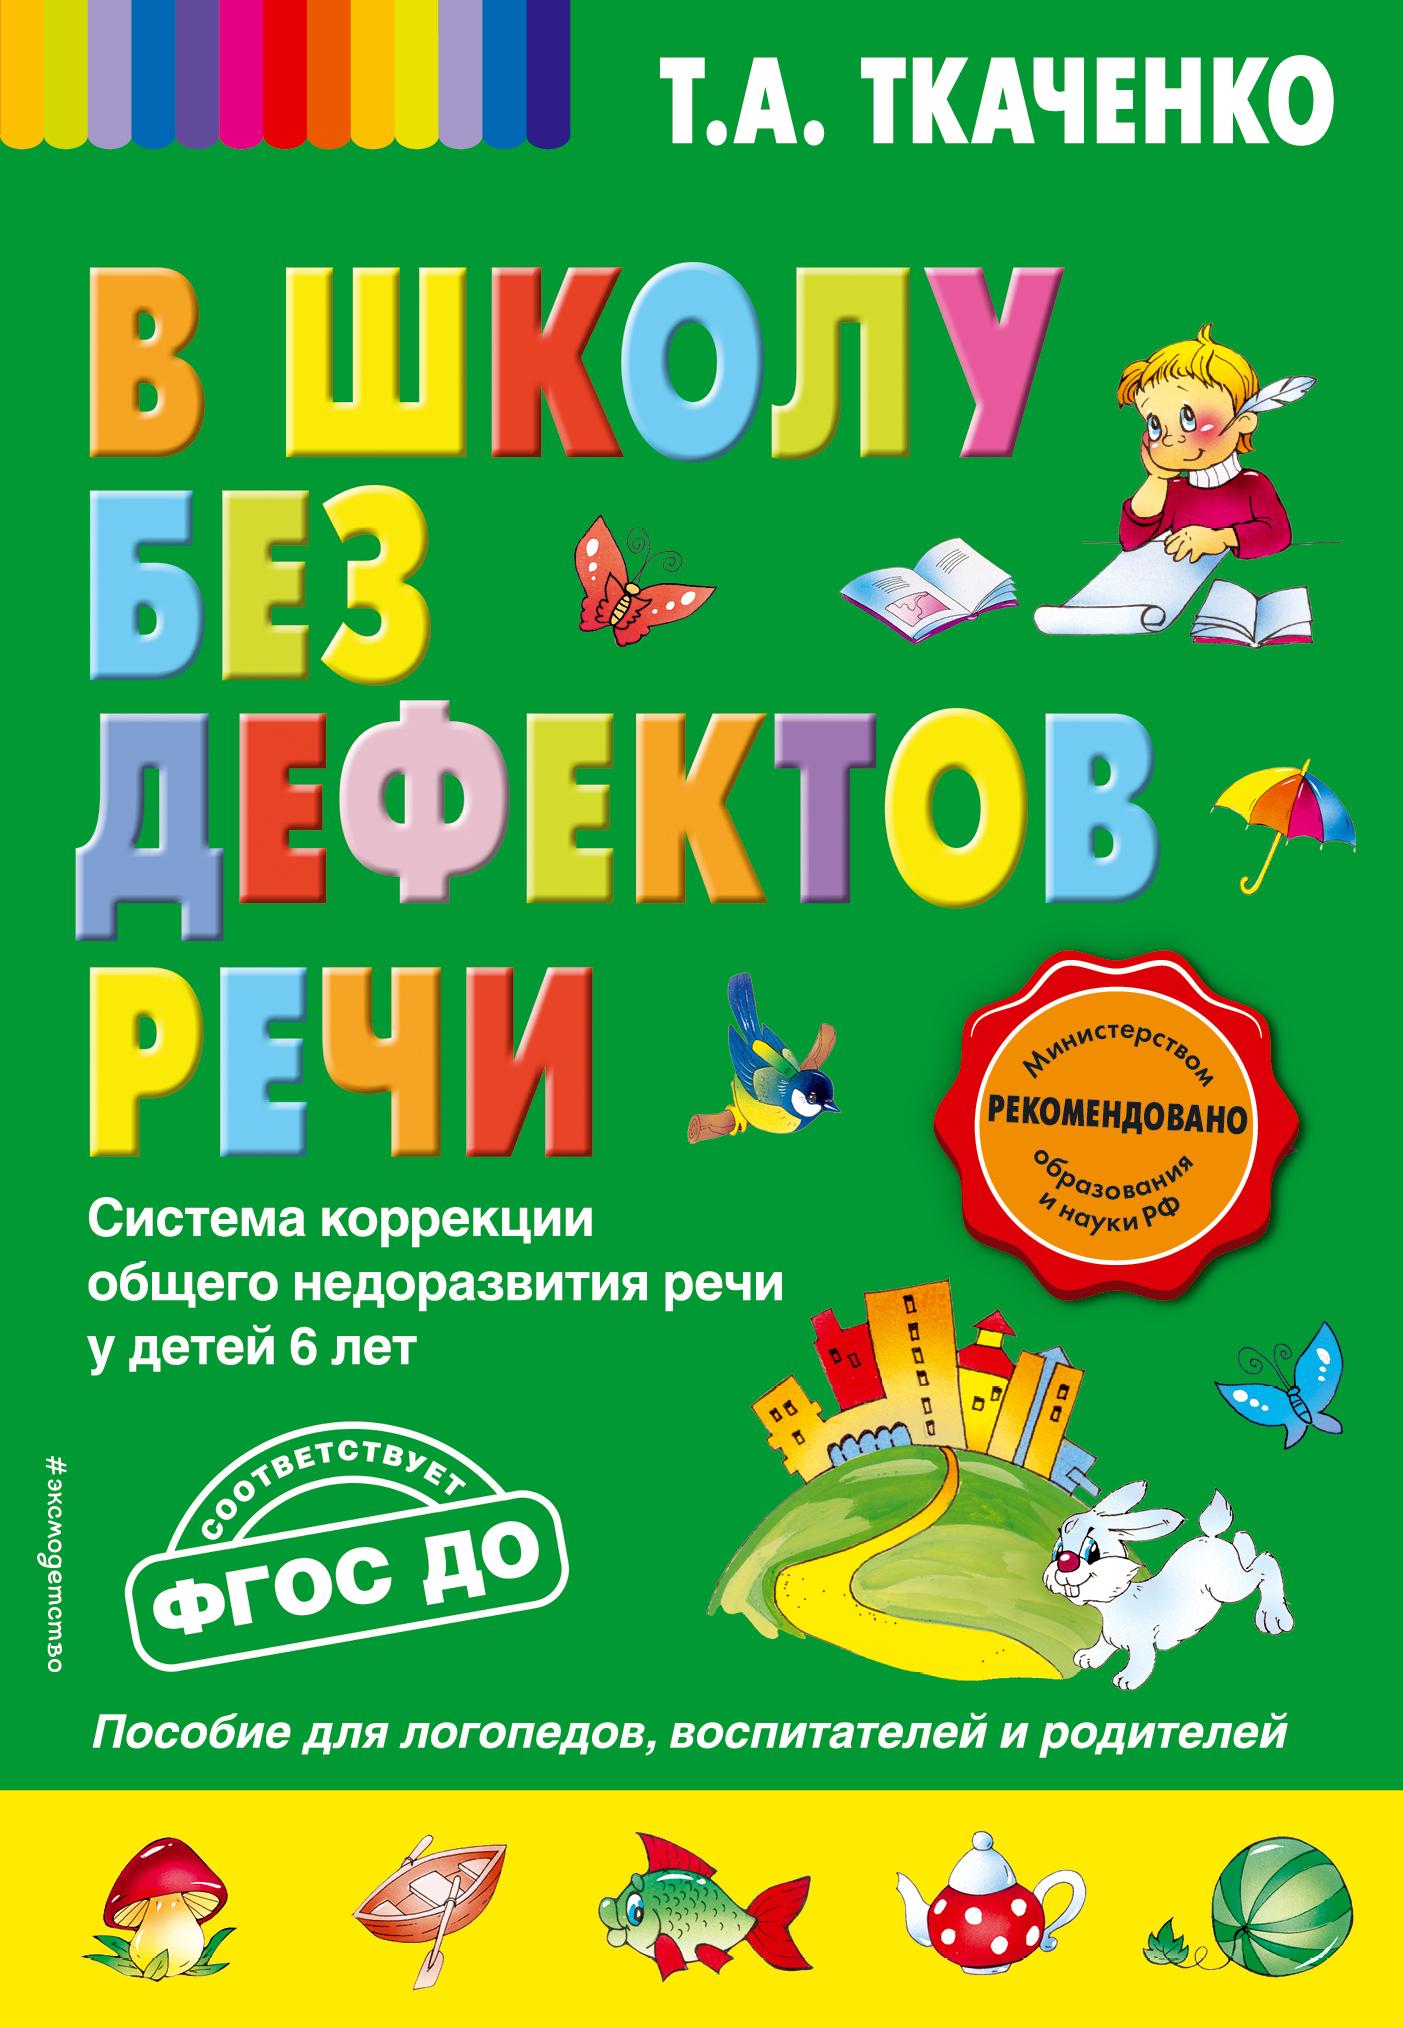 В школу без дефектов речи ( Ткаченко Т.А.  )